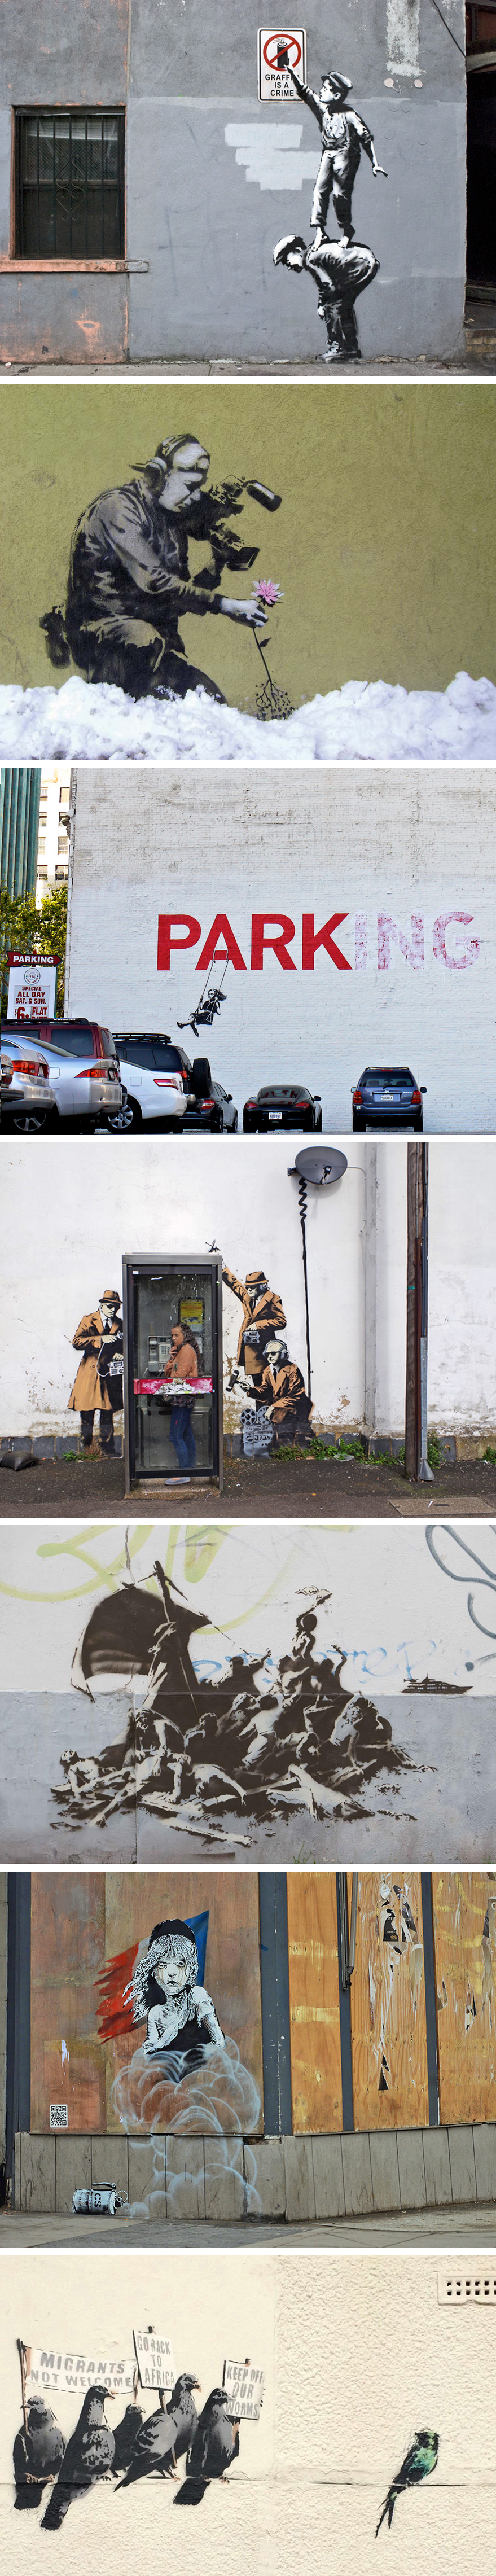 Obras de street art creadas por Bansky